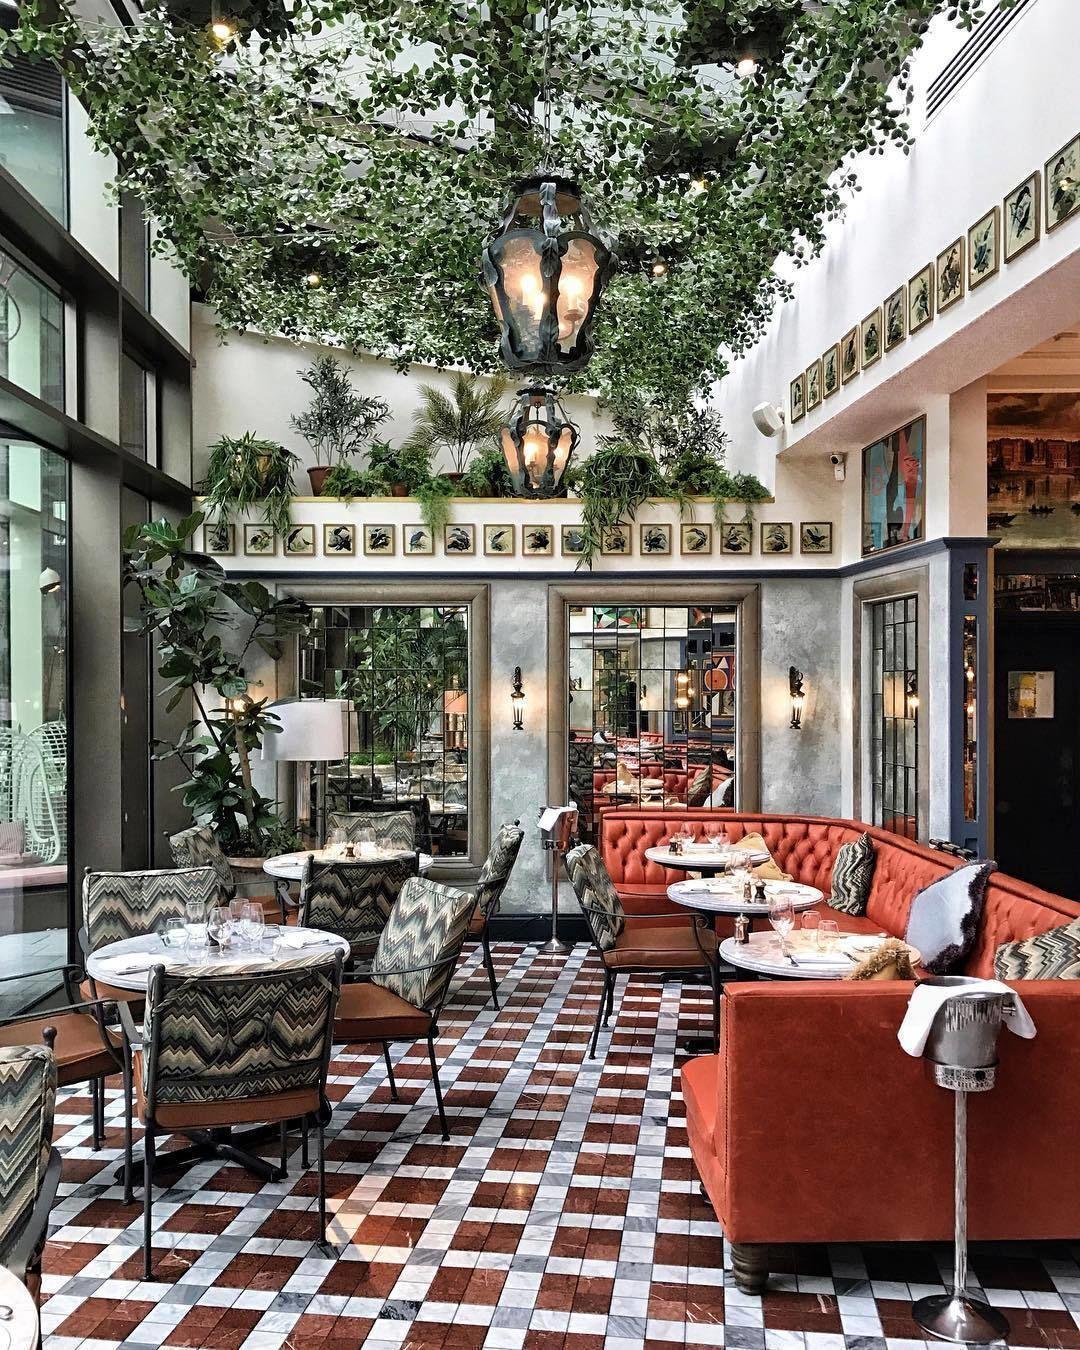 Chairish On Instagram Ivy Envy By Crazycatladyldn Bar Design Restaurant Restaurant Interior Design Cafe Design